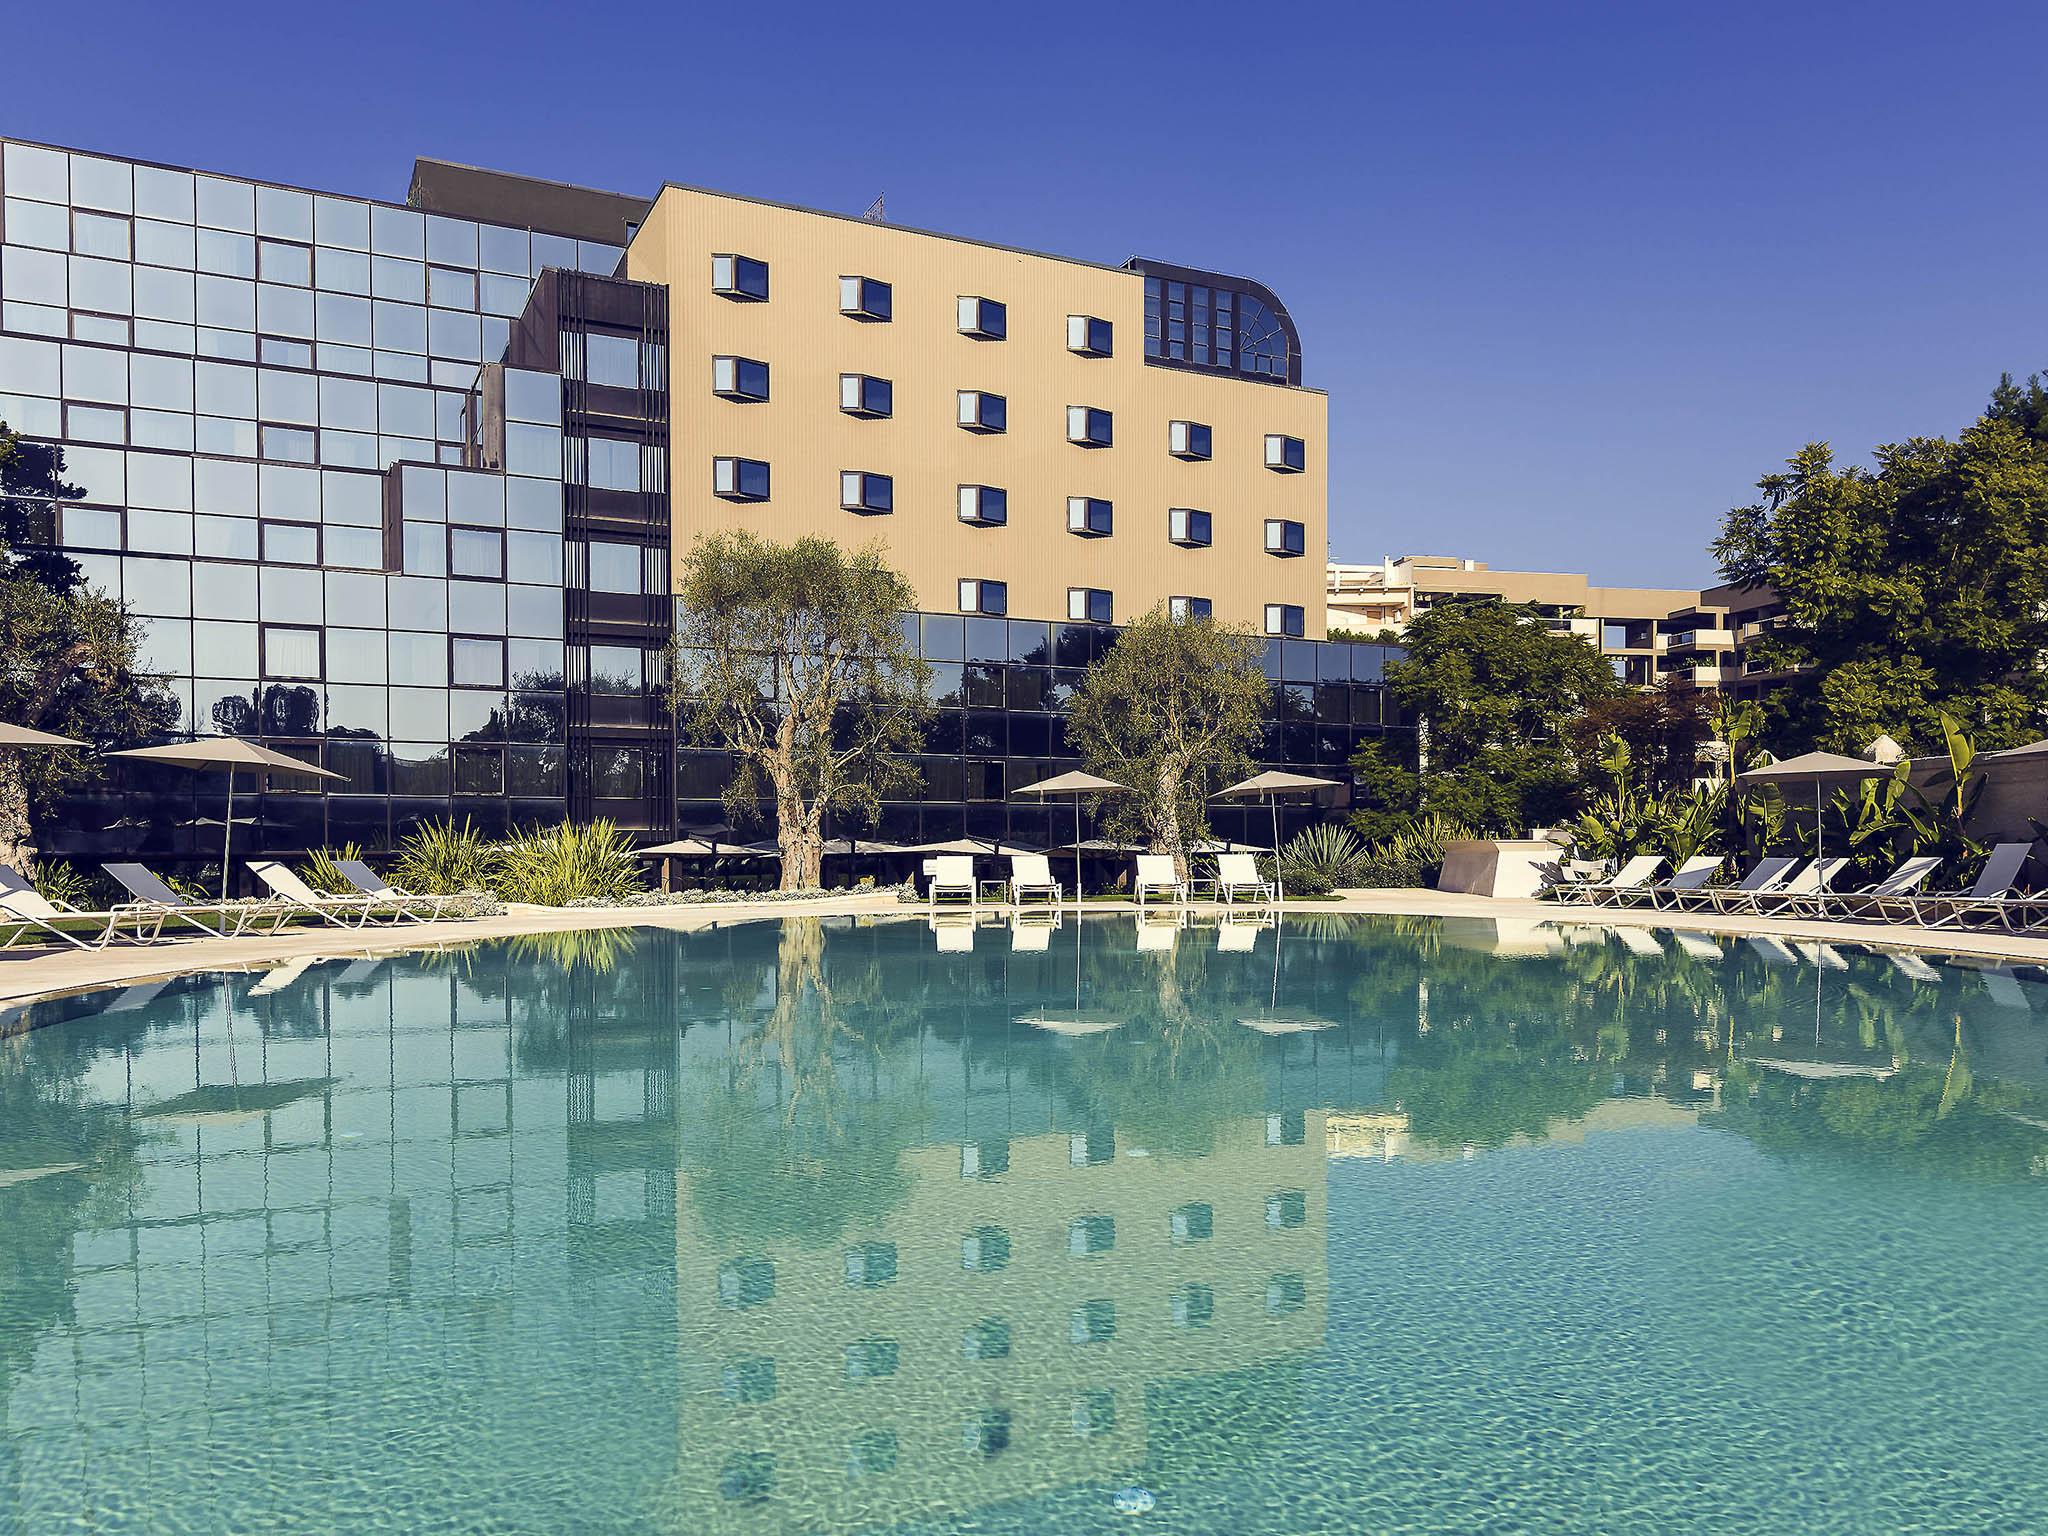 Hotel – Mercure Villa Romanazzi Carducci Bari